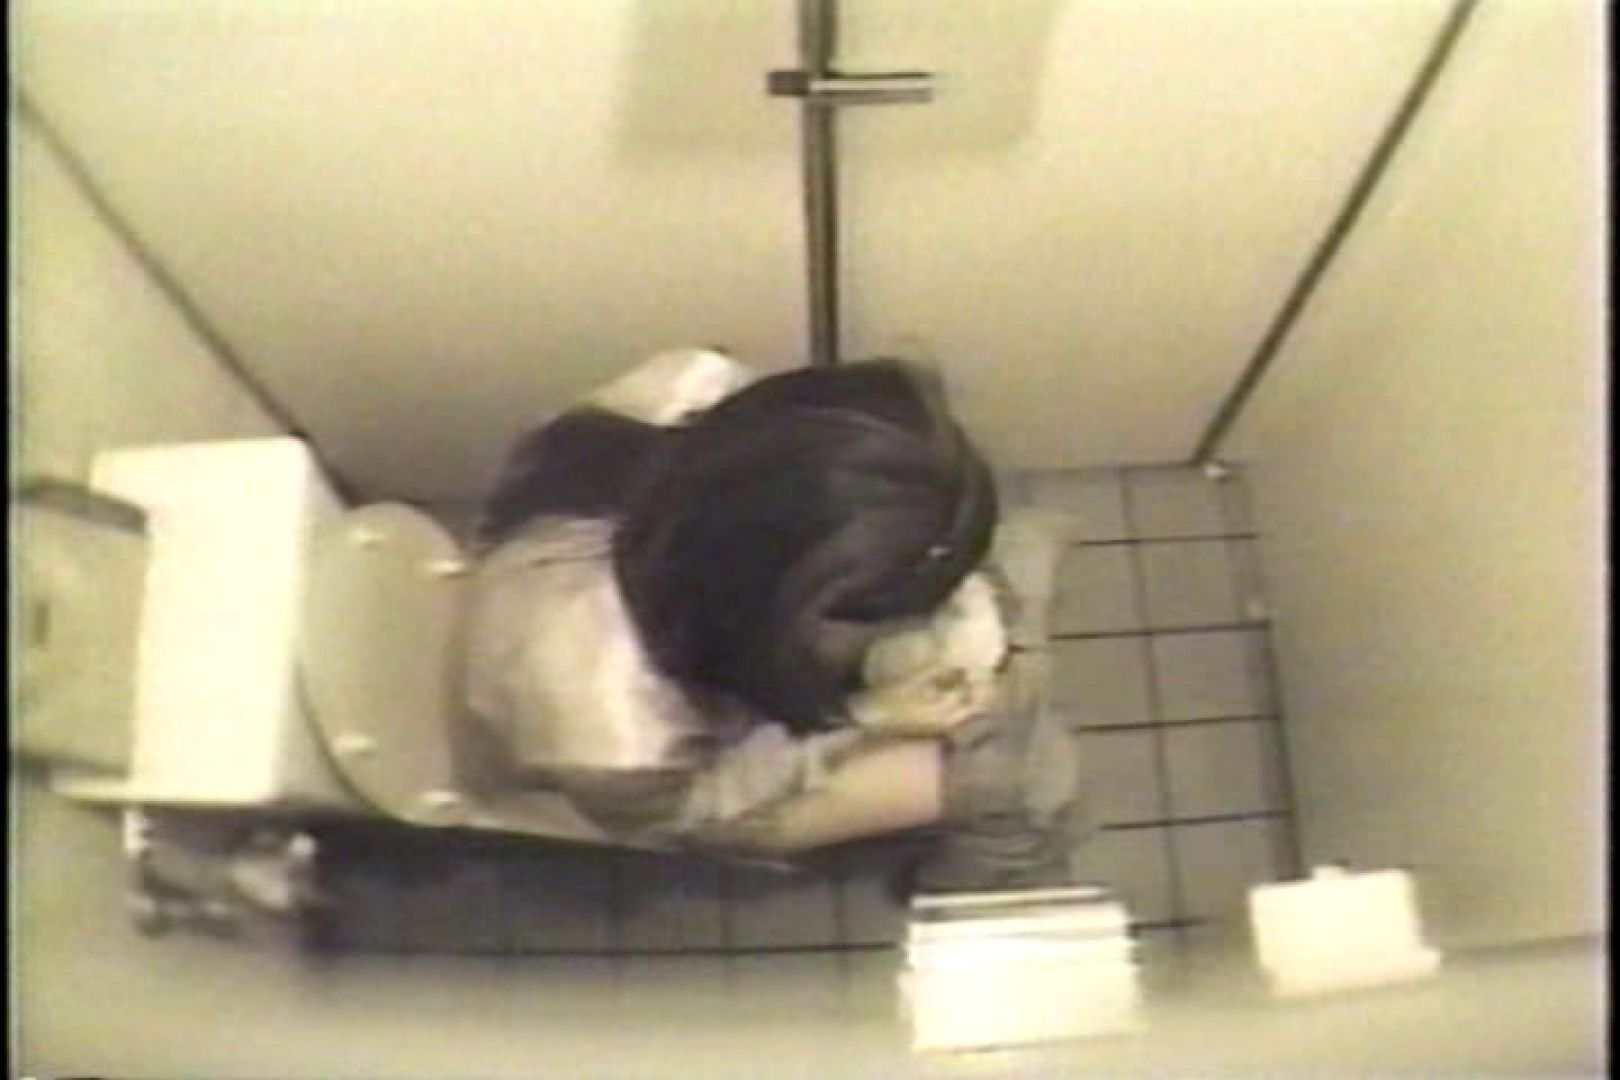 盗撮 女子洗面所3ヶ所入ってしゃがんで音出して プライベート  109連発 100